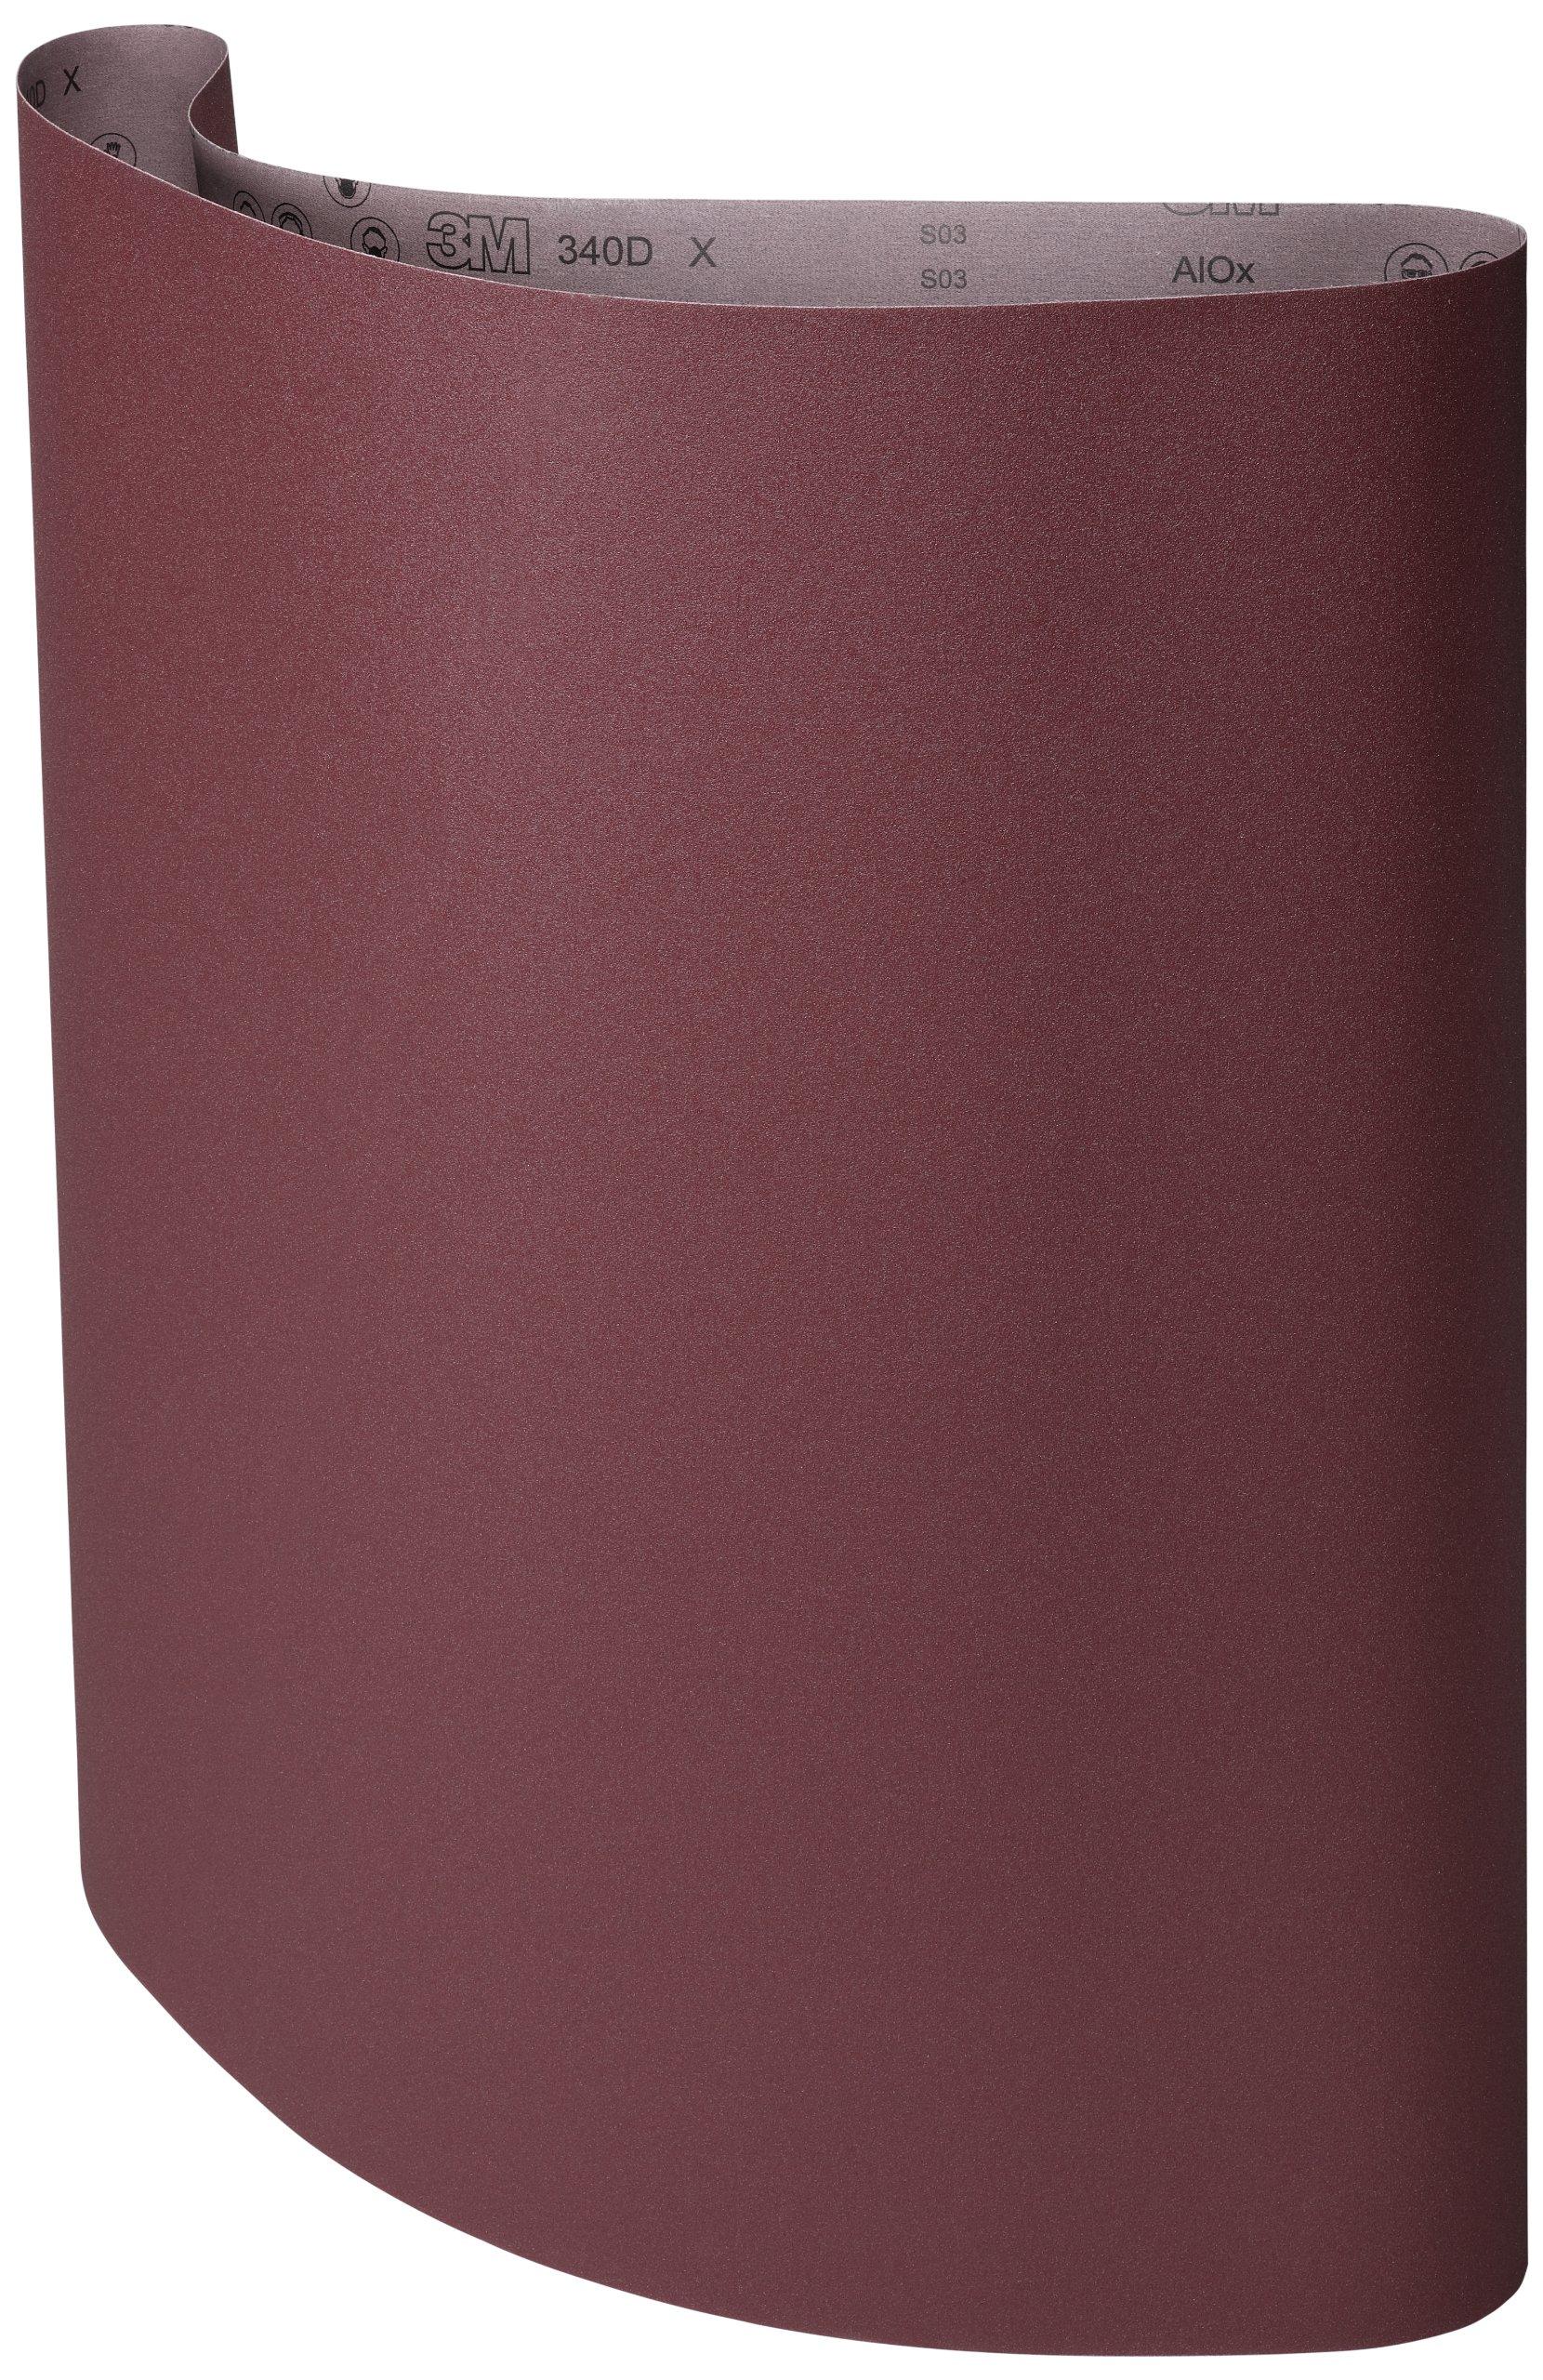 3M Cloth Belt 340D, Aluminum Oxide, 37'' Width 75'' Length, P150 Grit (Pack of 5) by 3M